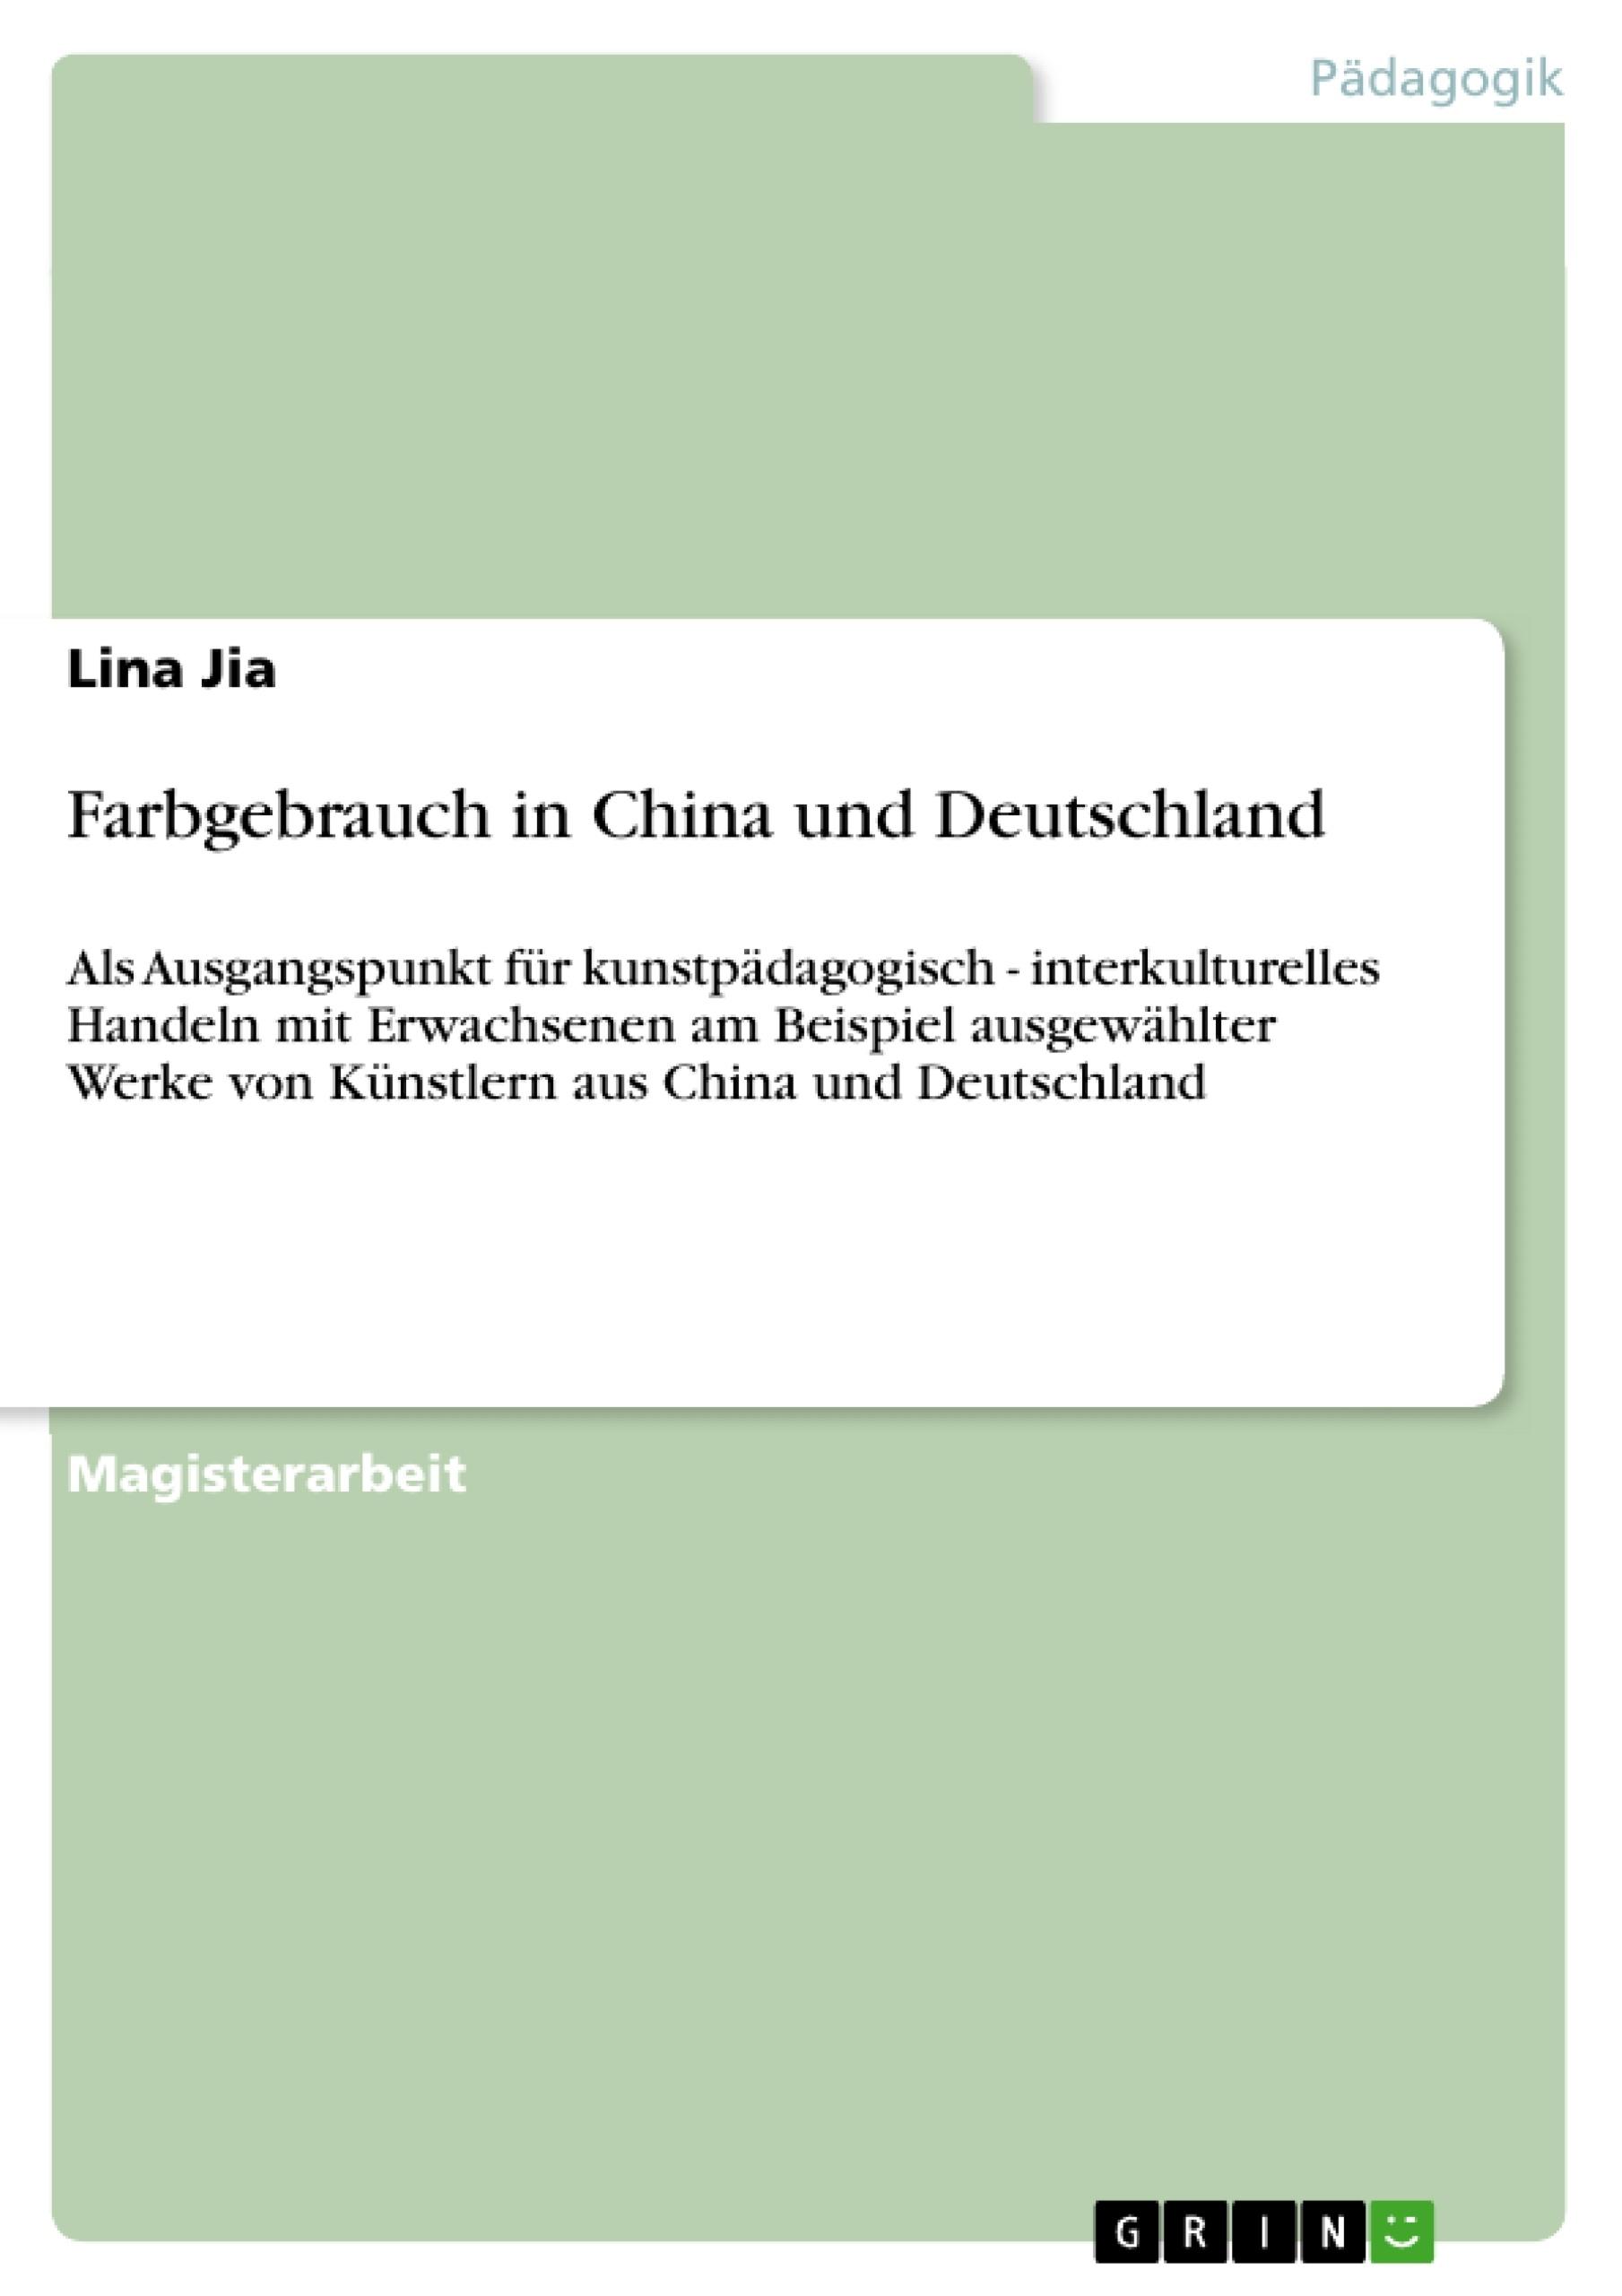 Titel: Farbgebrauch in China und Deutschland